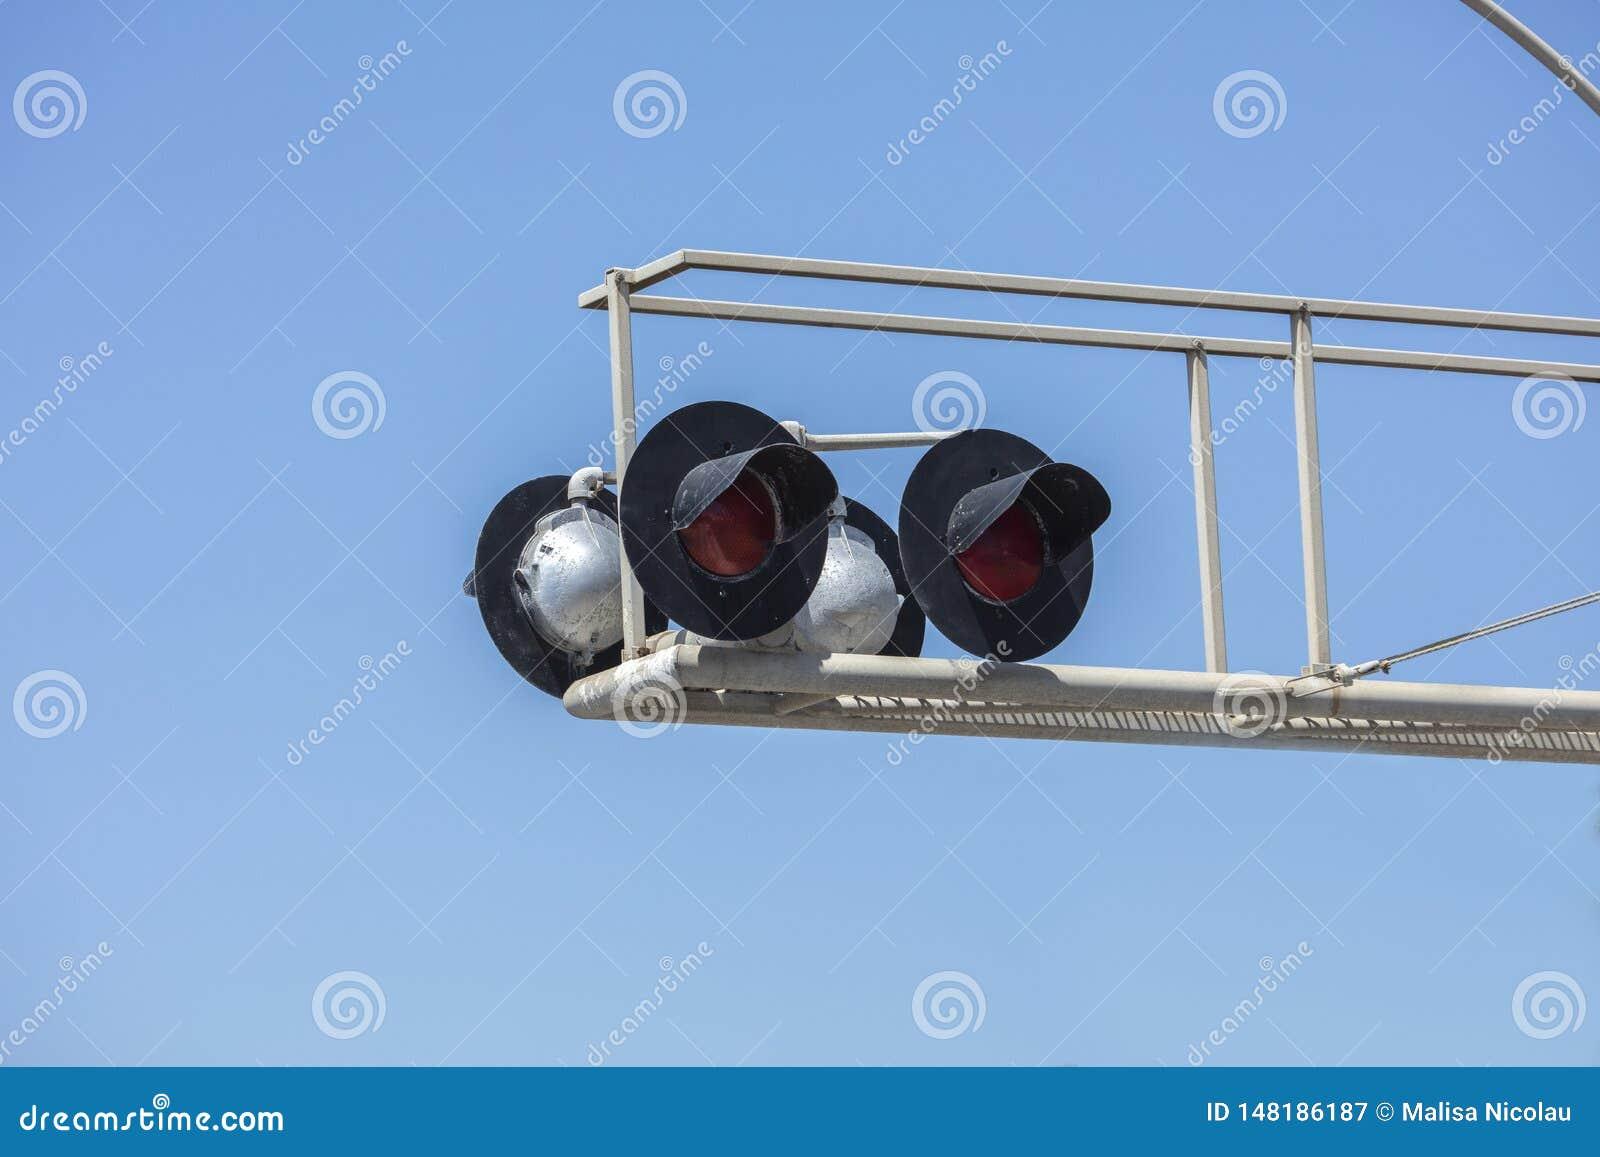 Ajuste de quatro luzes e rampas do cruzamento de estrada de ferro